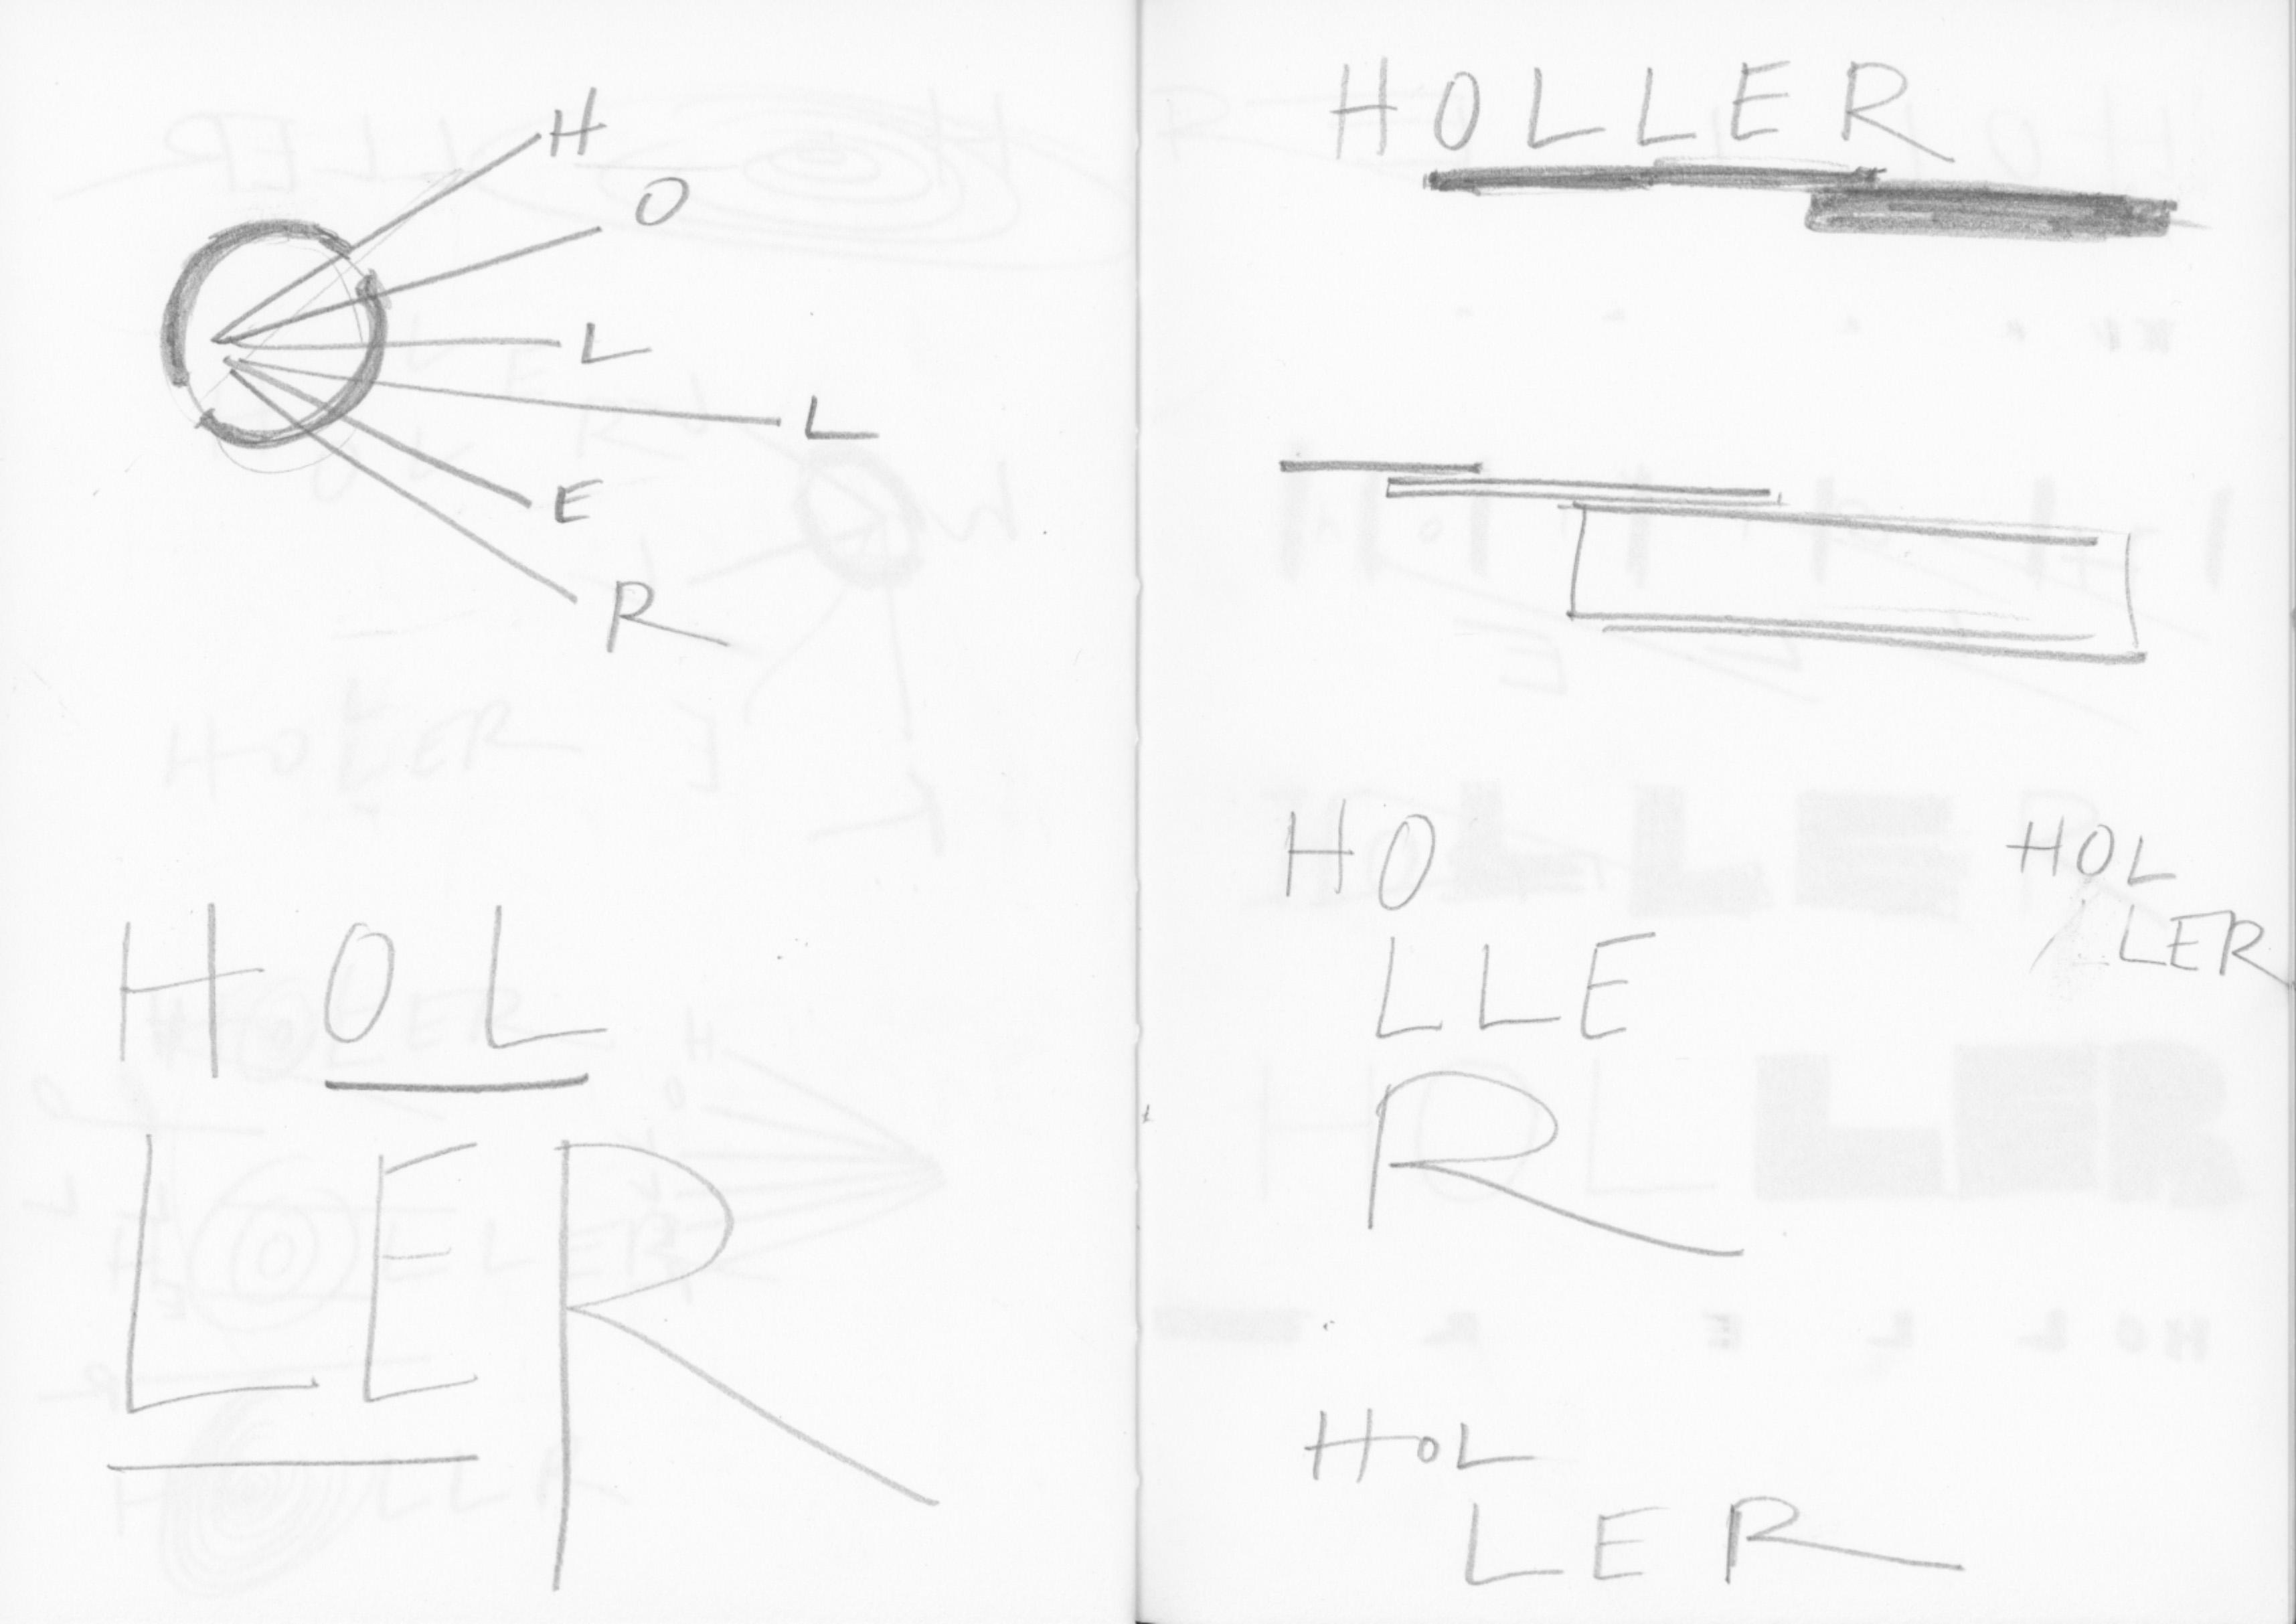 holler_prelim_sketches-5